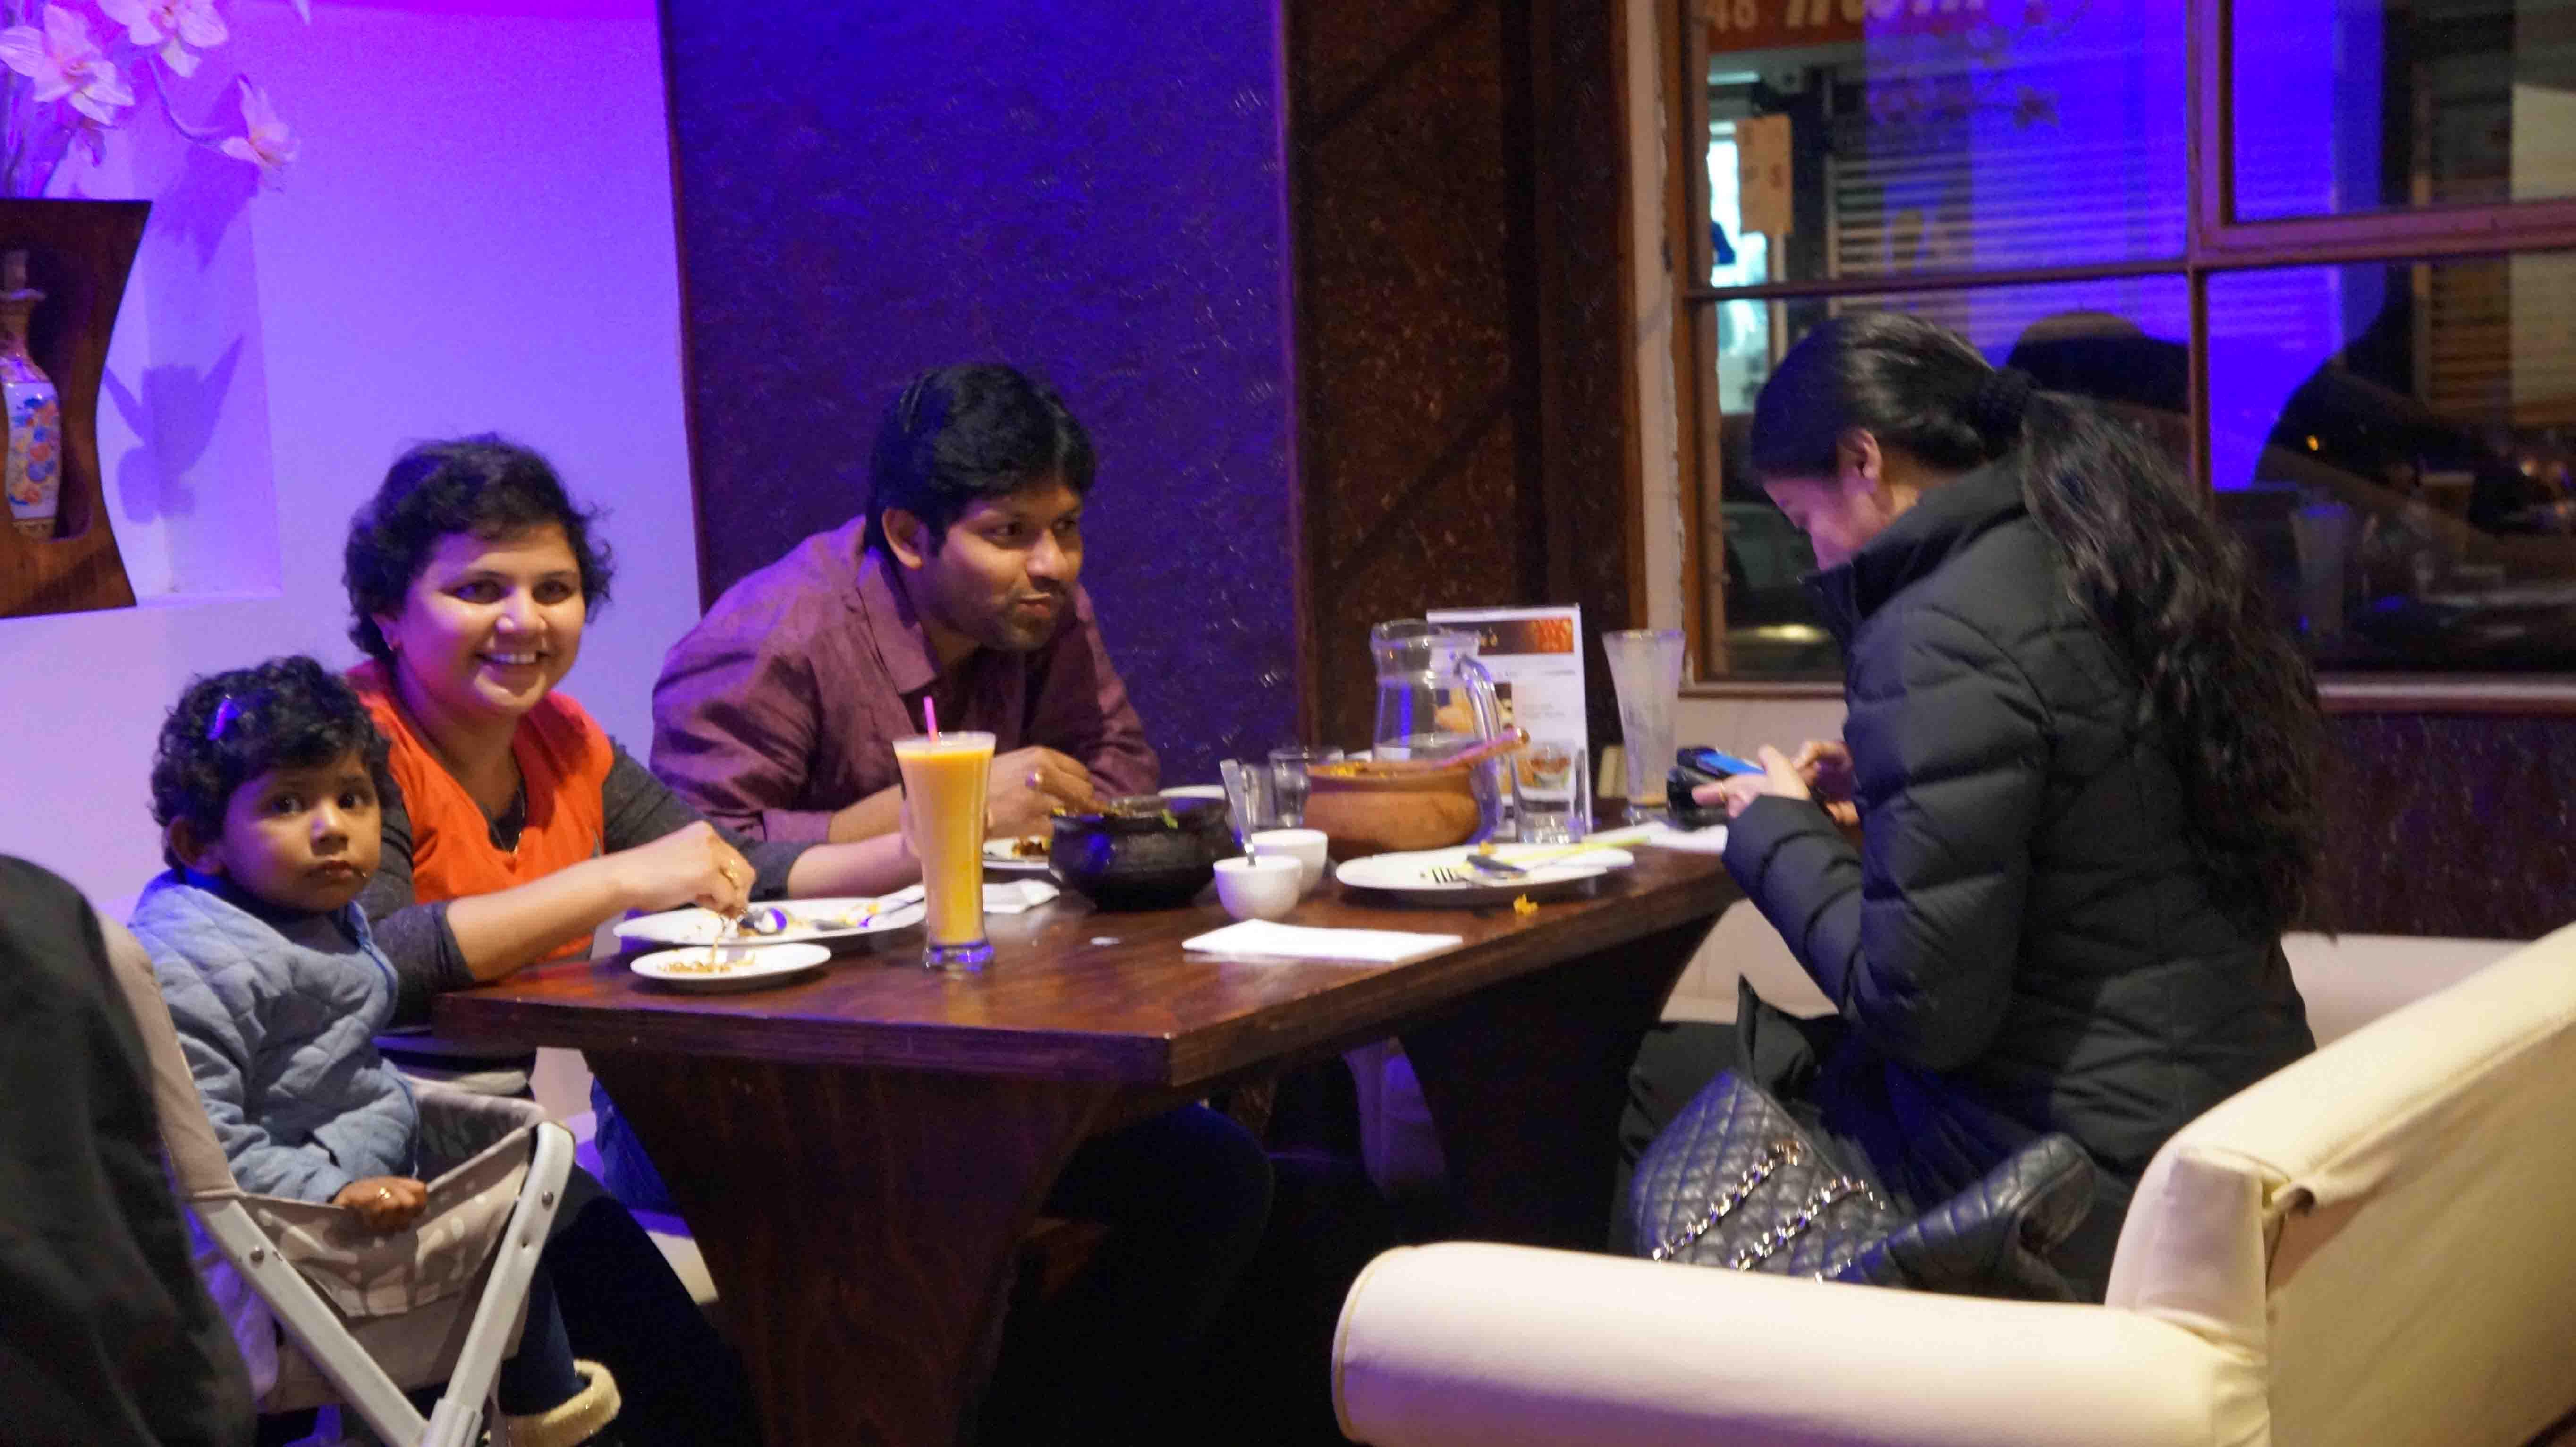 Enjoy family dinner